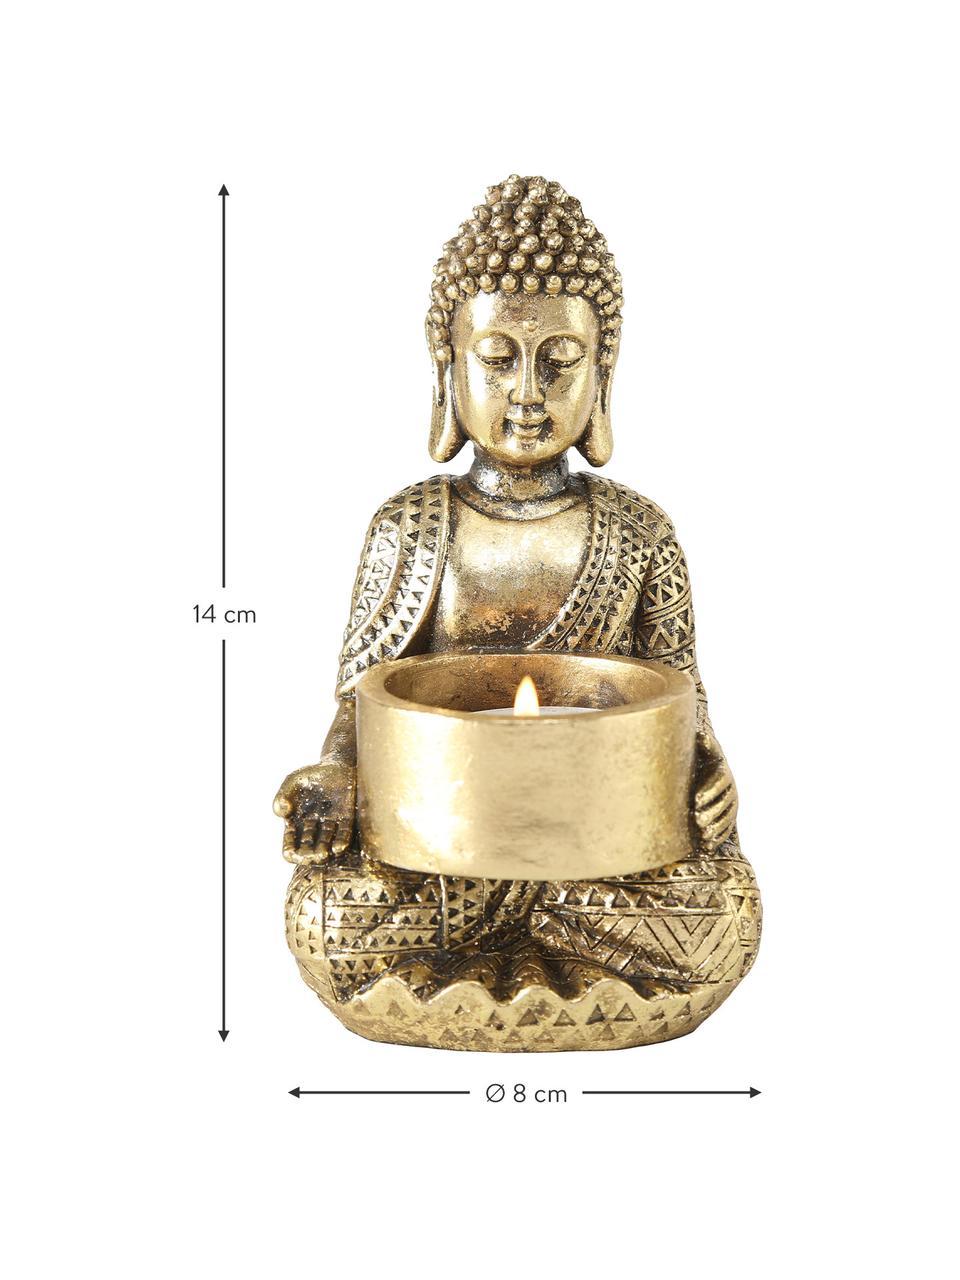 Świecznik na podgrzewacz Jarven, 3 elem., Poliresing, Odcienie złotego, S 8 x W 14 cm